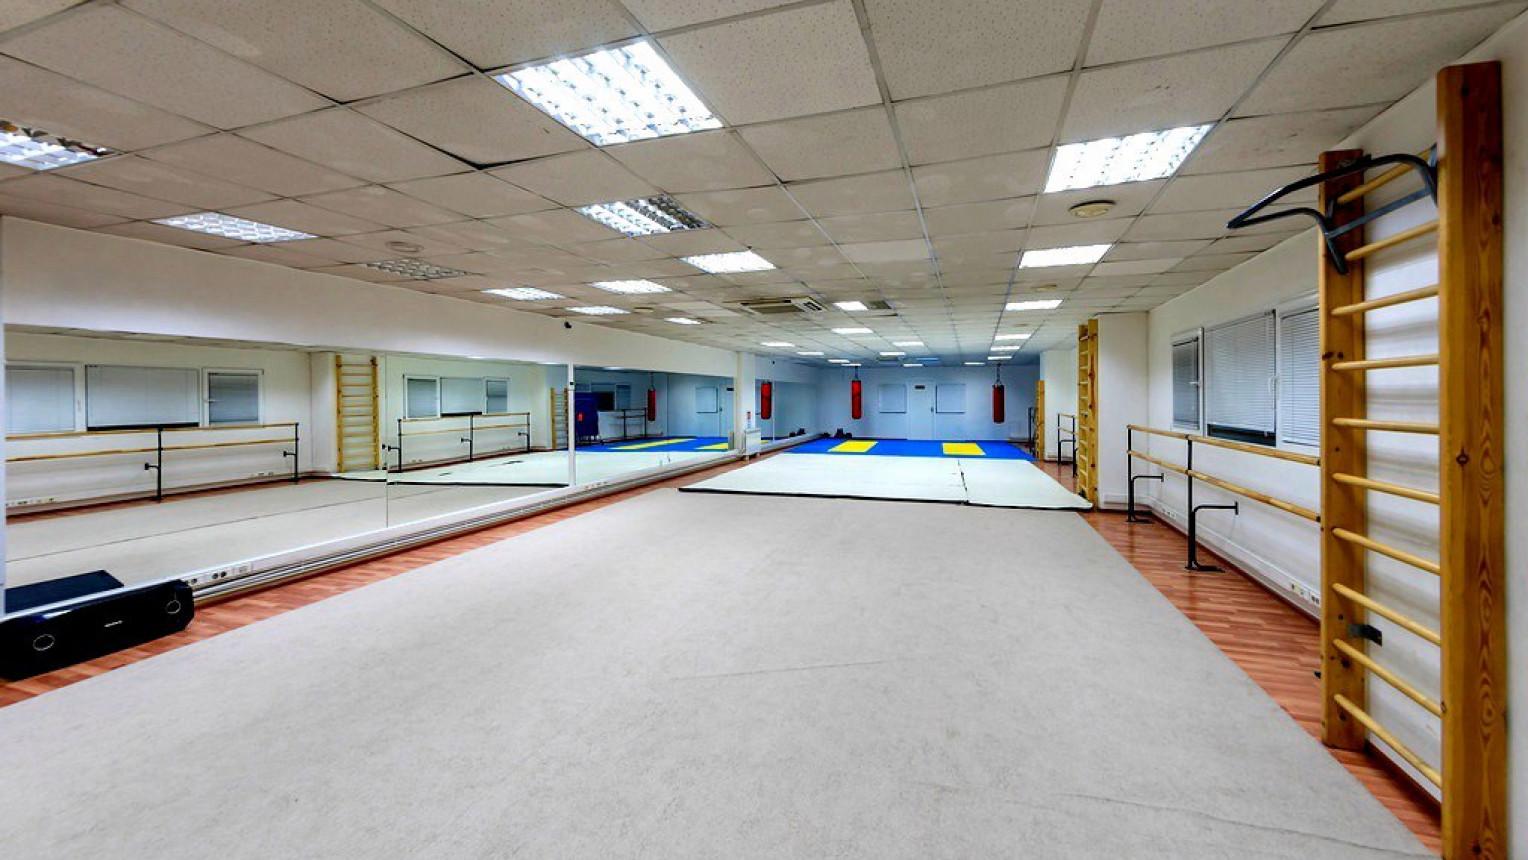 Зал для фитнеса и танцев - фото №2